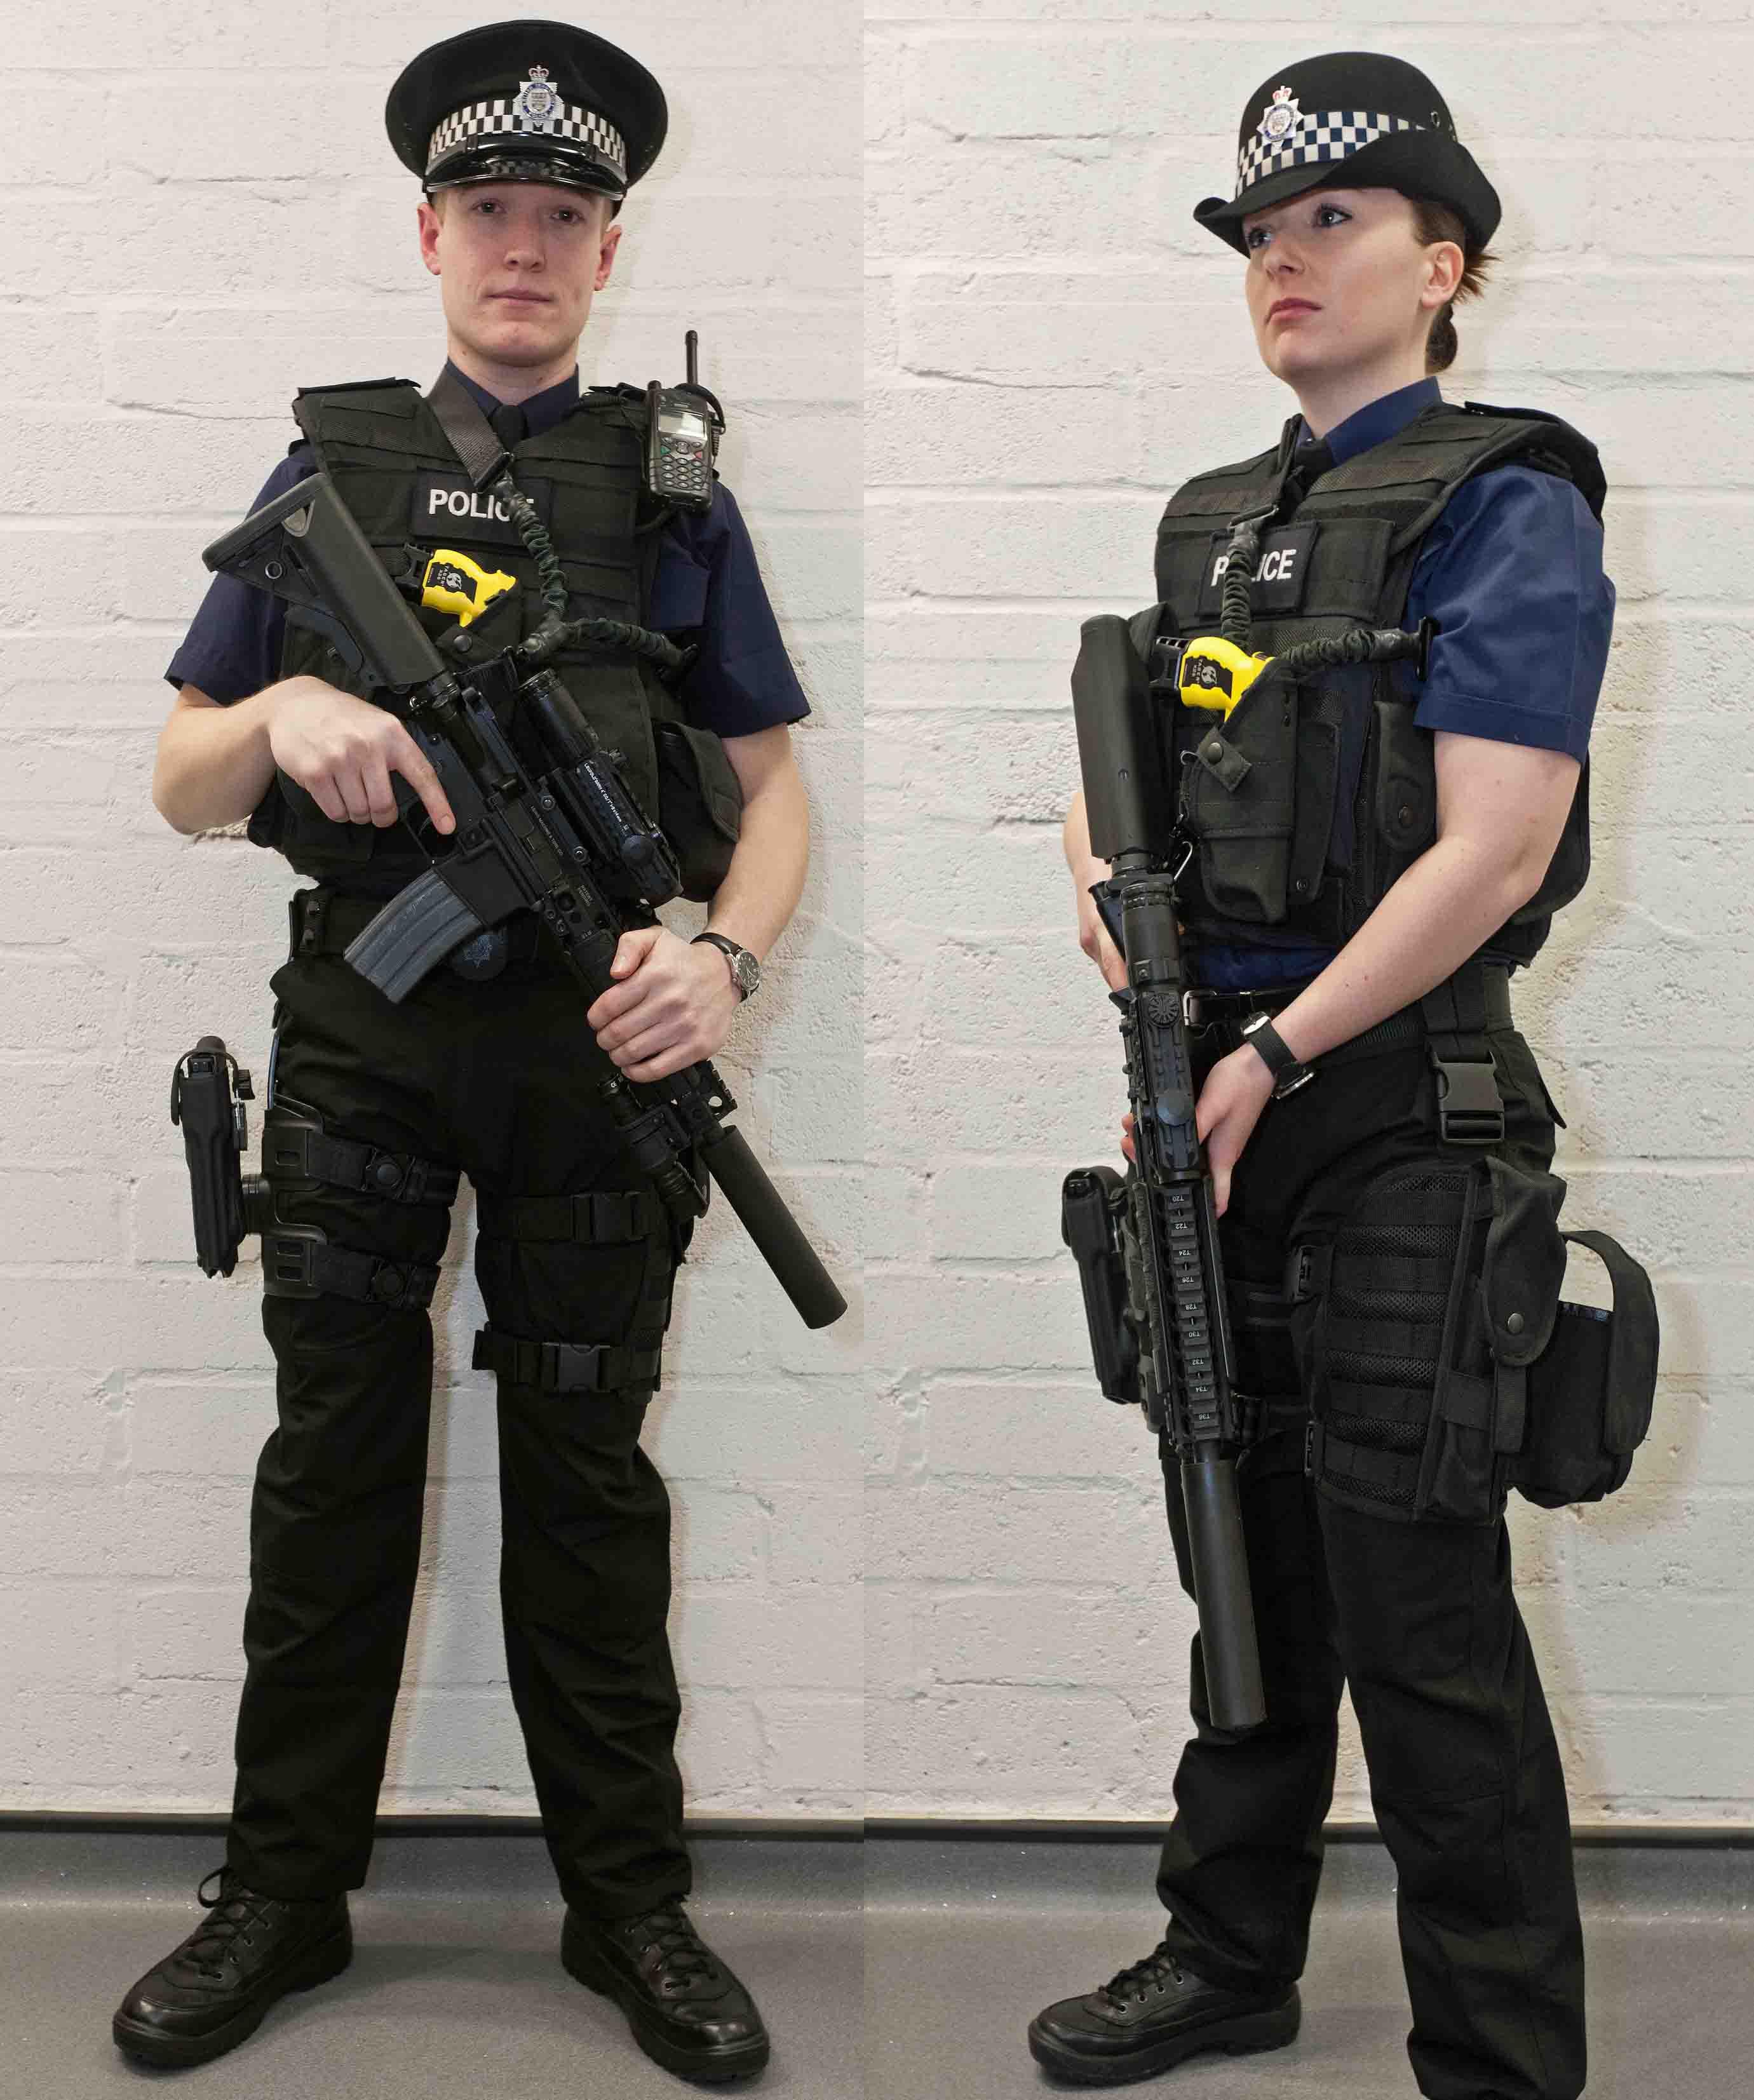 Ready-for-patrol-2012.jpg